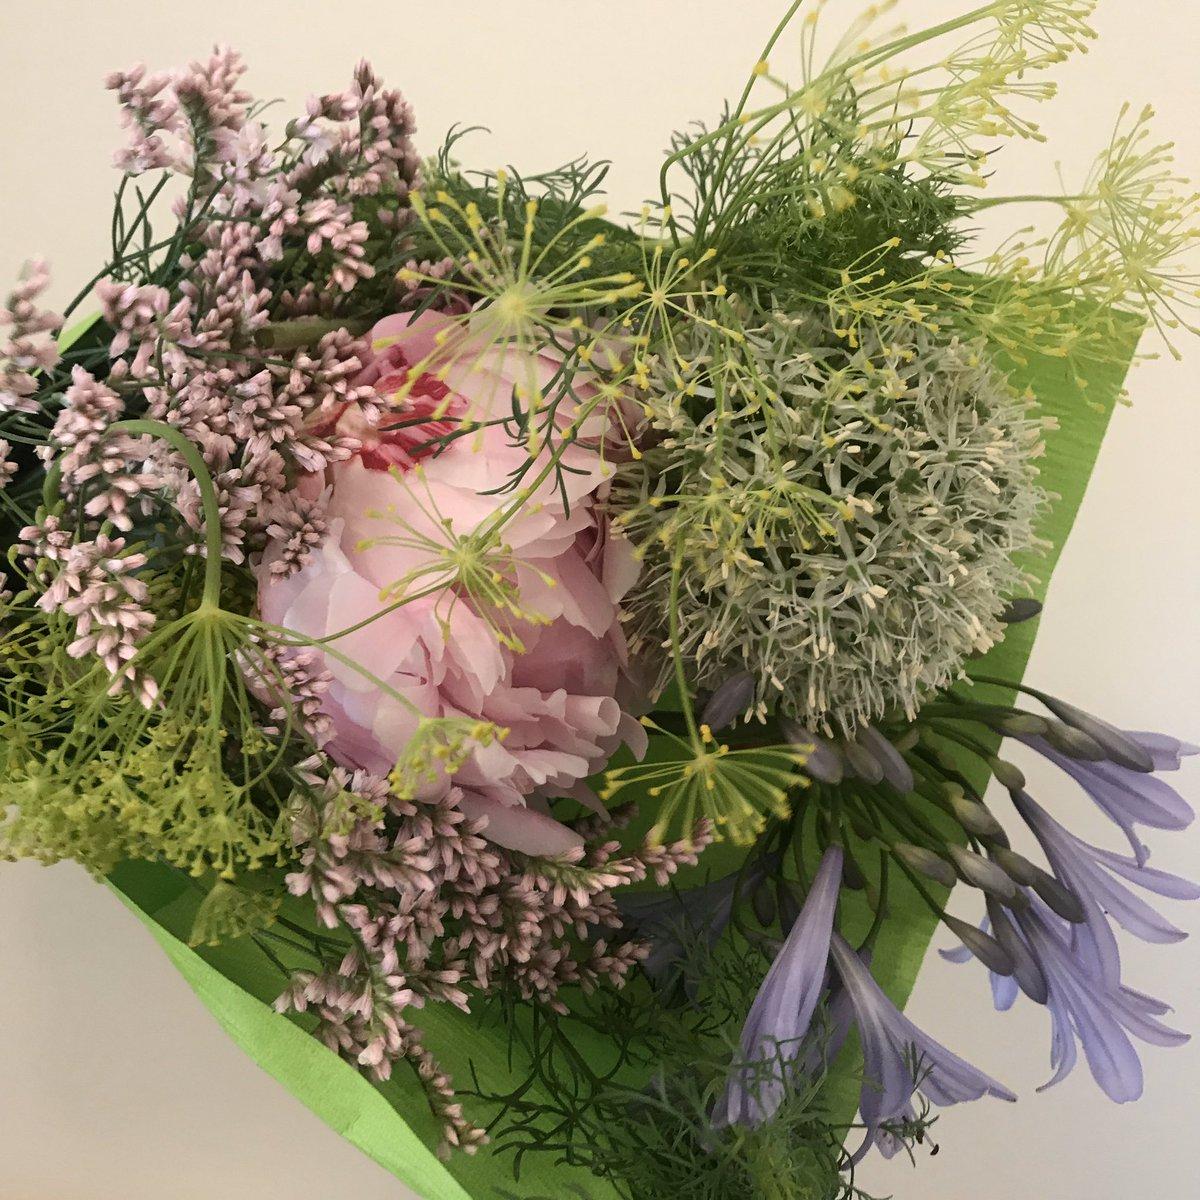 すてきなお花屋さんから、ブーケを届けていただきました。  お家にお花があると、心が潤いますね。  小さな幸せに感謝です✨  #スパイア #癒し #花束 #小さな幸せ https://t.co/CZ7lPWknEh